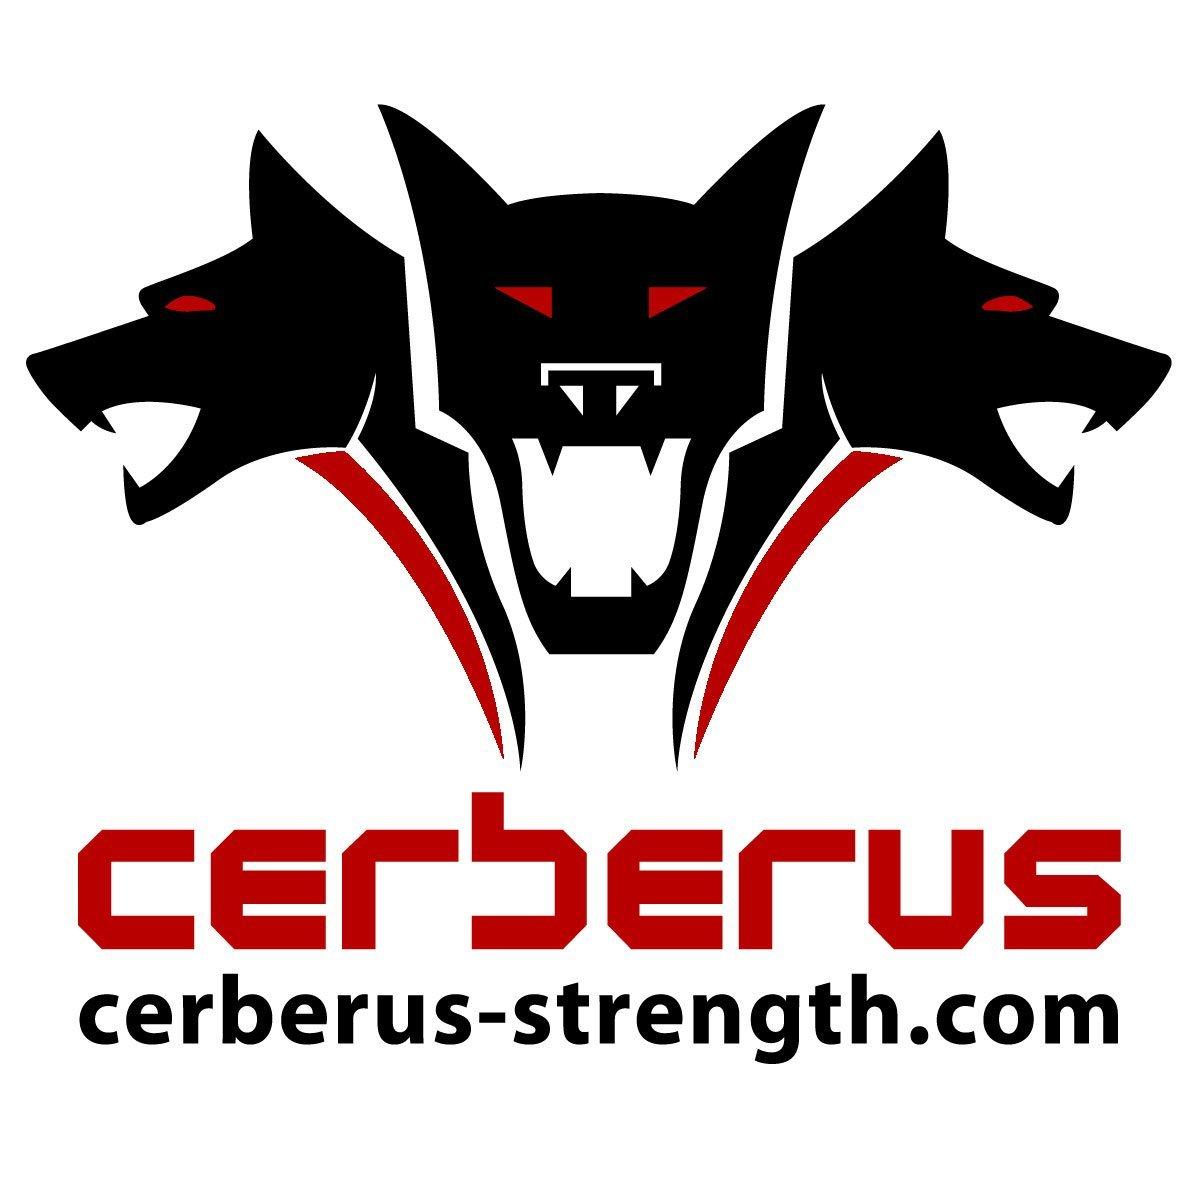 Paire Aide Grip avec Protection de la Main /& Support pour Poignet CERBERUS Strength MK2 Multi Grips